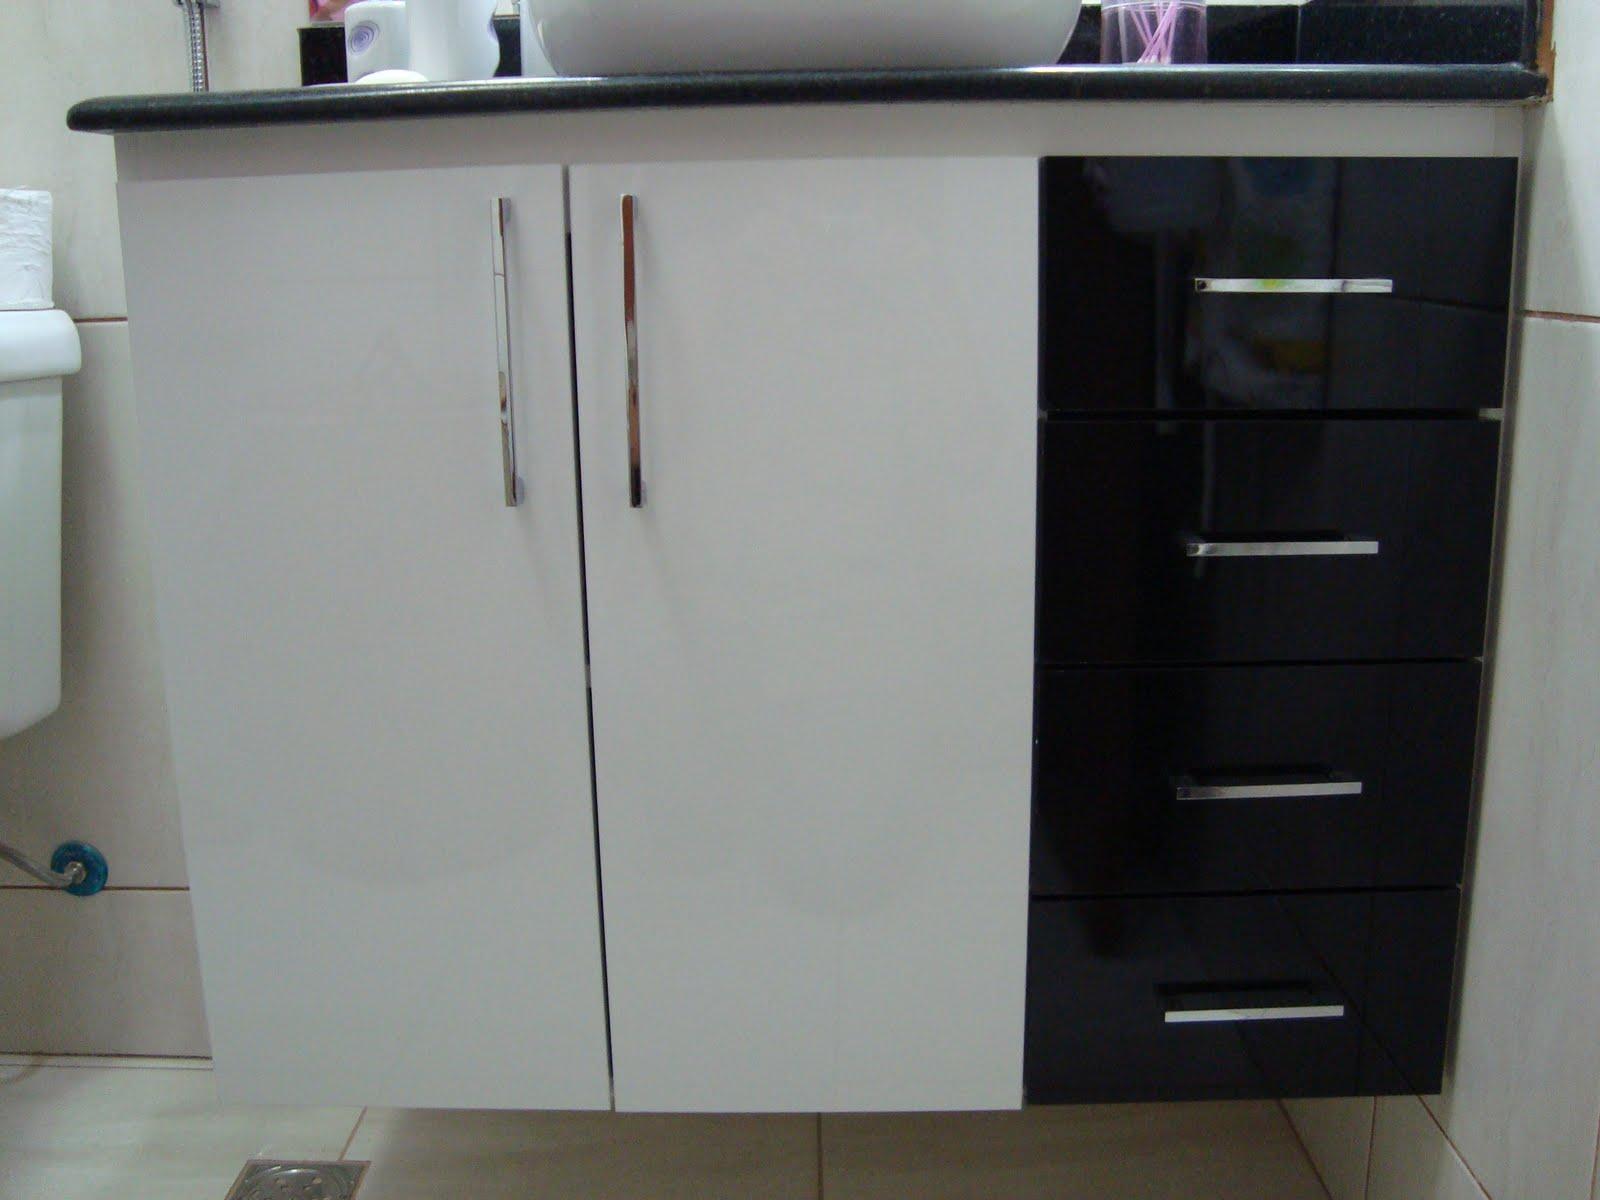 #594F42  de cozinha e banheiro em MDF Laca brilhante. Passo a passo 1600x1200 px Projeto Armario De Cozinha Passo A Passo_4006 Imagens